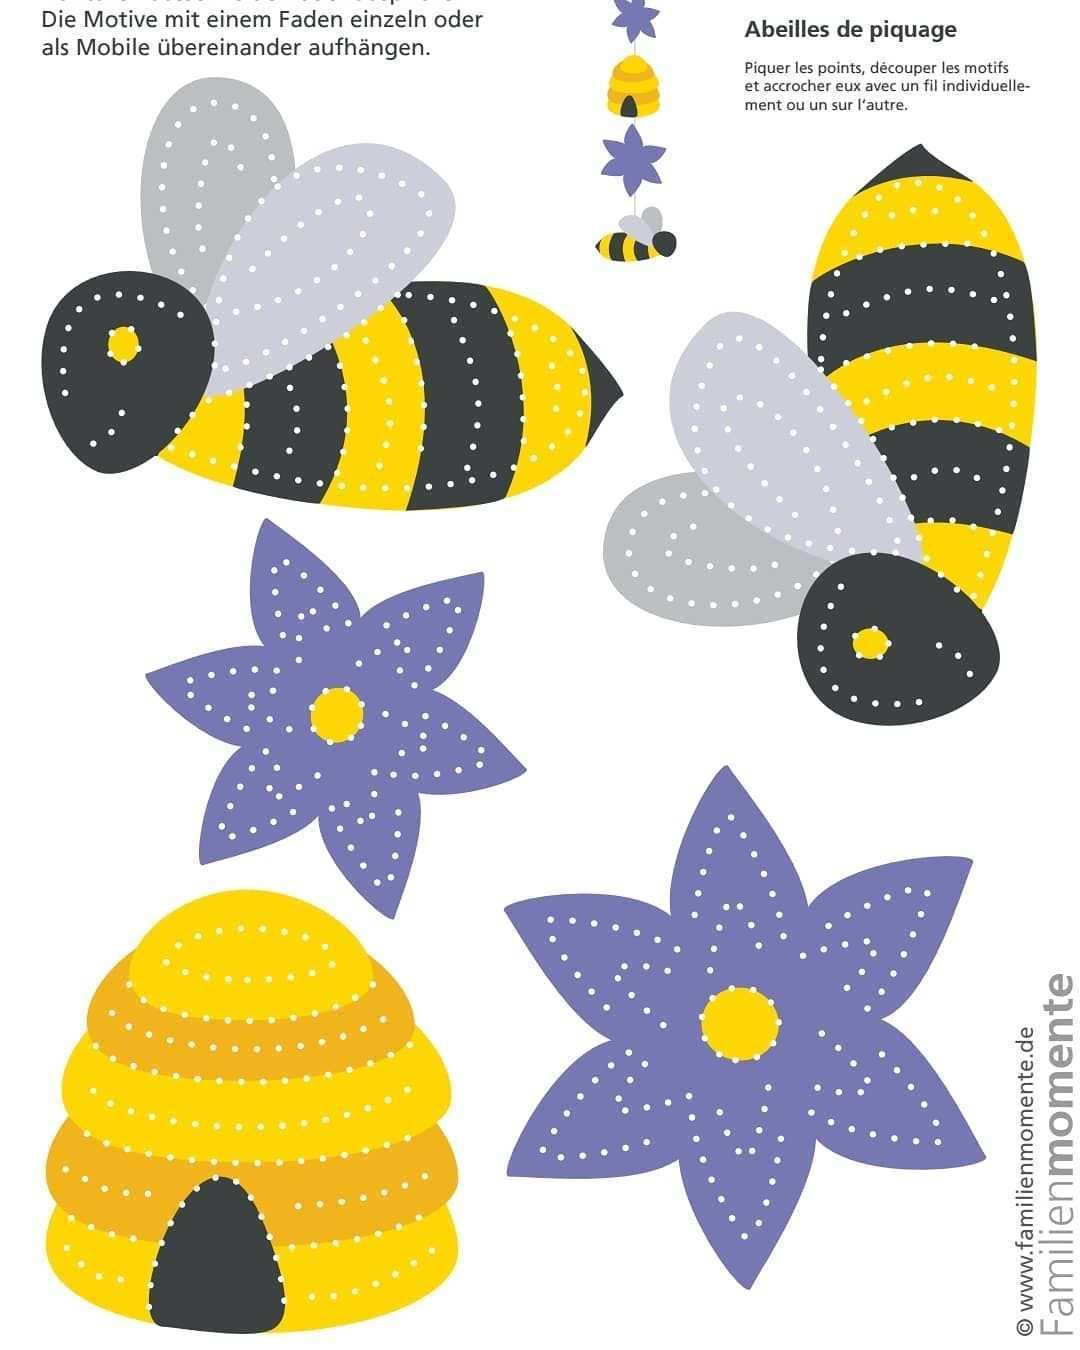 Familienmomente On Instagram Mit Insekten Zum Prickeln Starten Wir Ins Neue Jahr Es Geht Los Mit Den Fleissigen Bienen Bienen Basteln Insekten Basteln